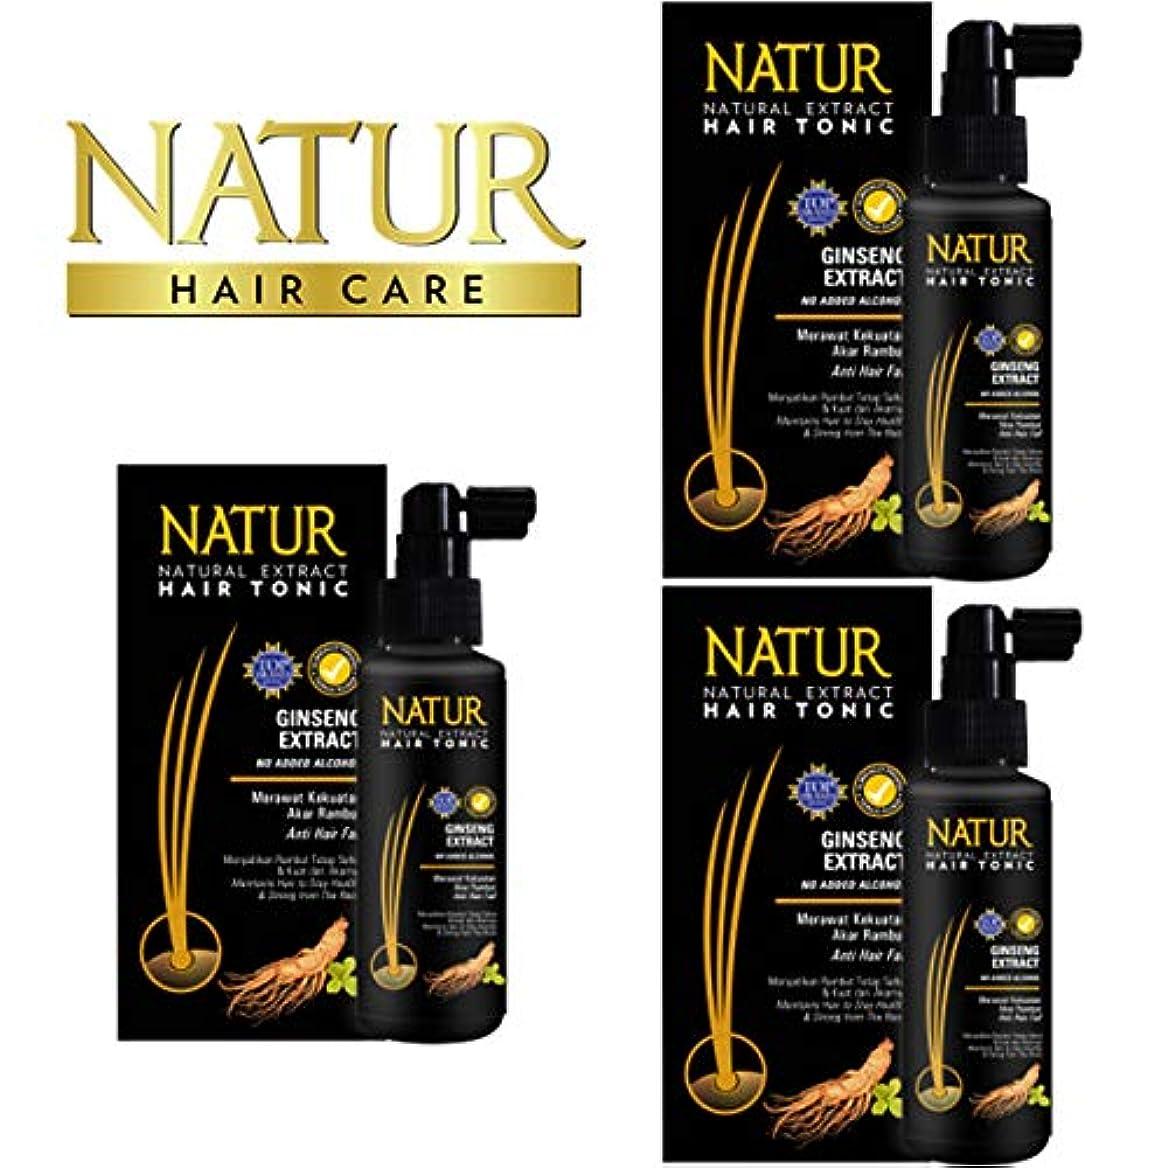 ベッドを作るすなわち告発NATUR ナトゥール 天然植物エキス配合 Hair Tonic ハーバルヘアトニック 90ml×3個セット Ginseng ジンセン [海外直商品]